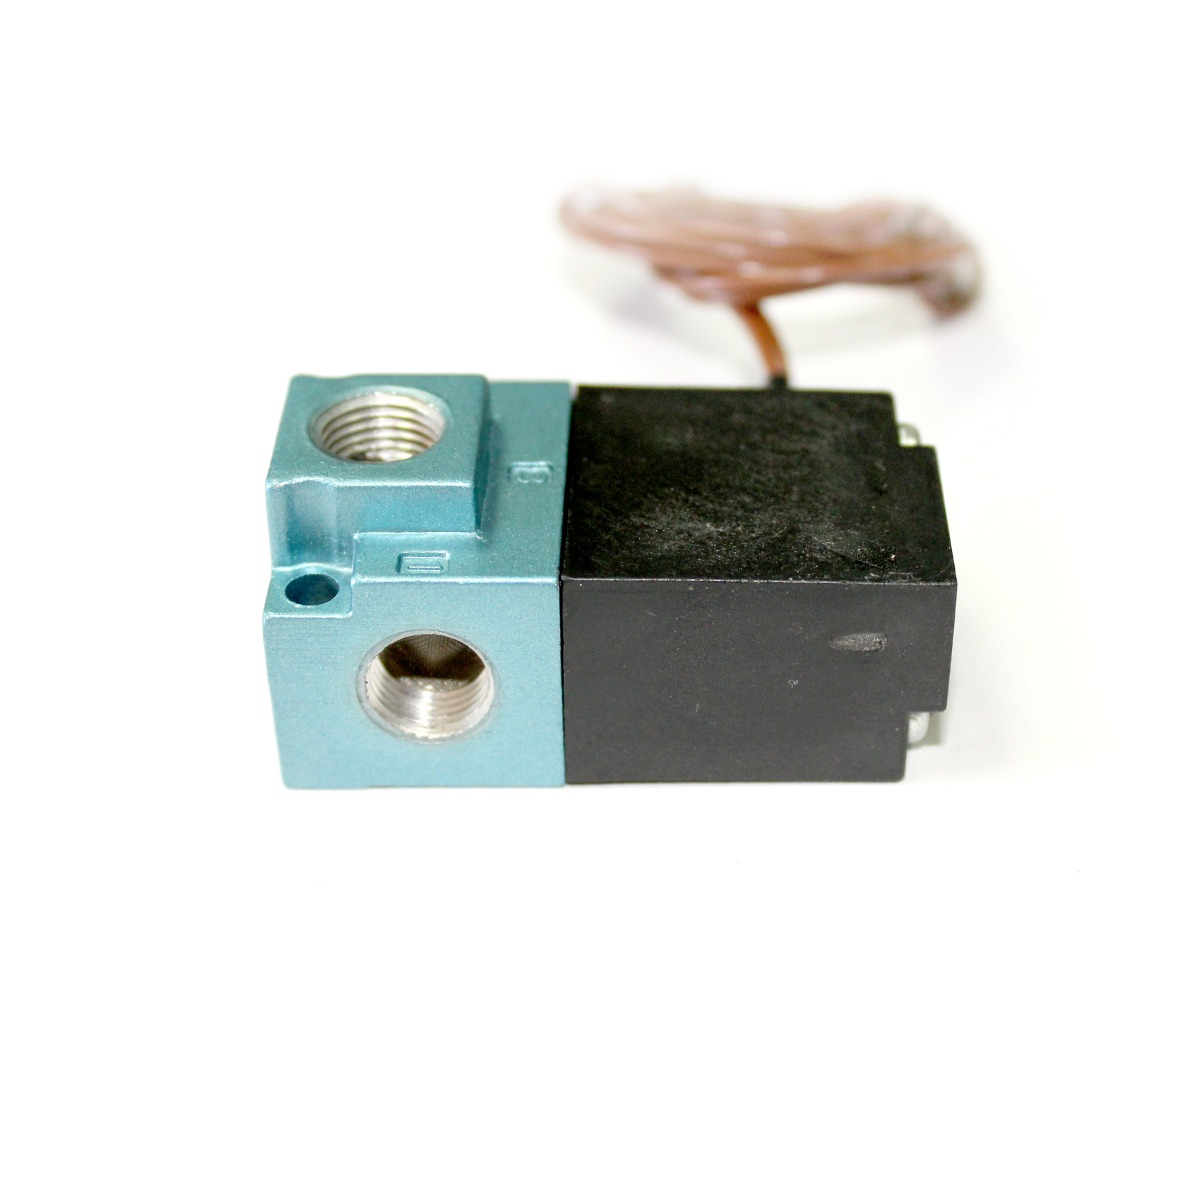 Válvula solenoide para boost control 3 vias - 1/8&...